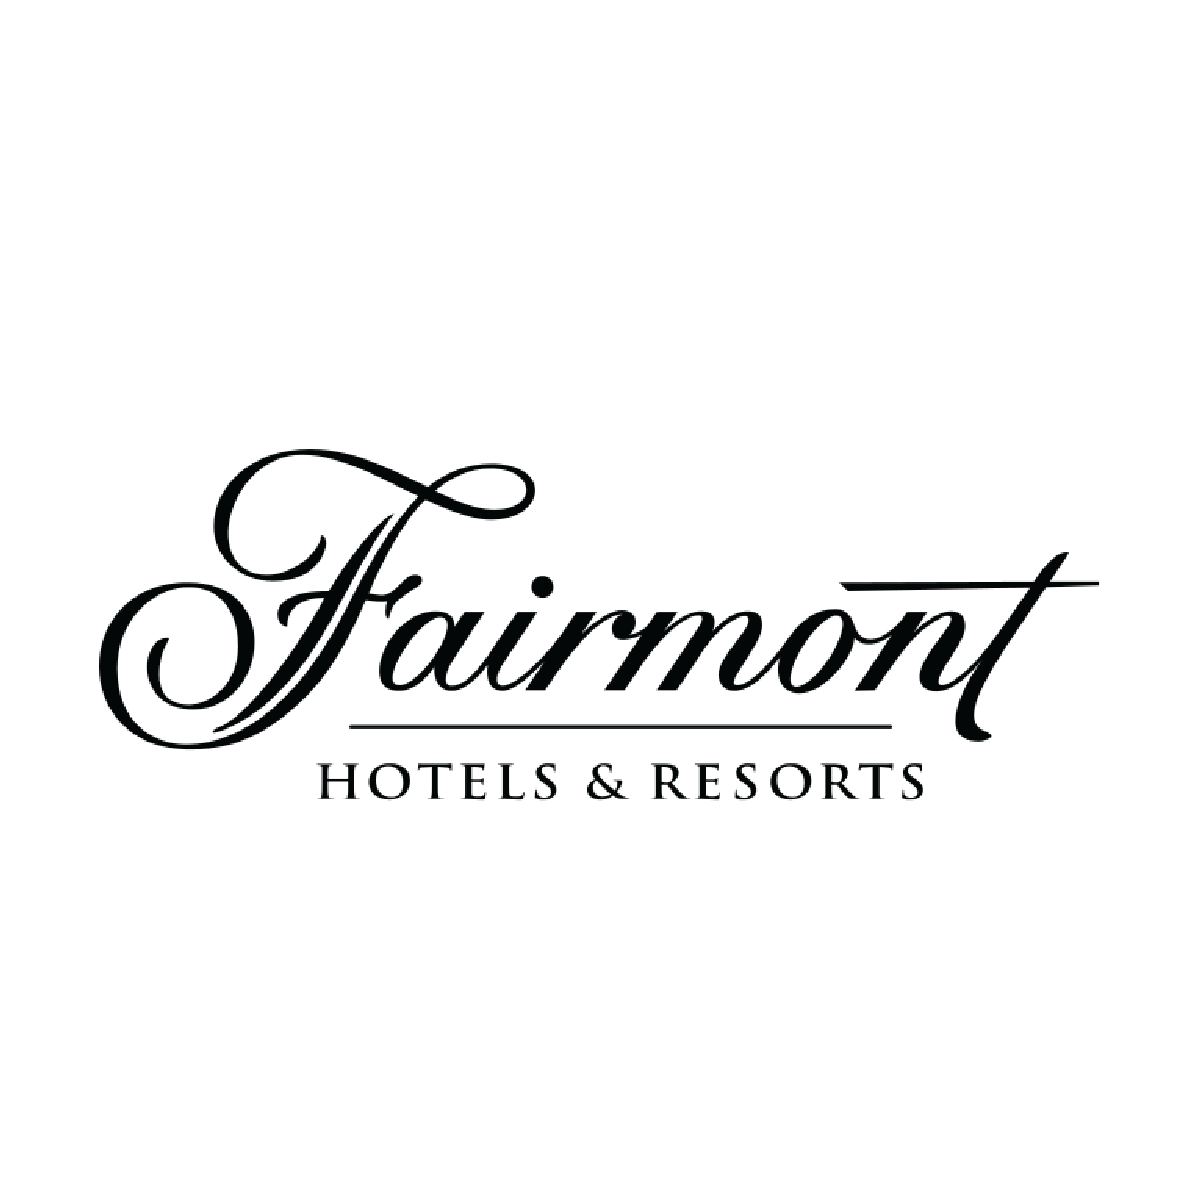 Fairmont_4x4_ClientLogo-01-01-01.png